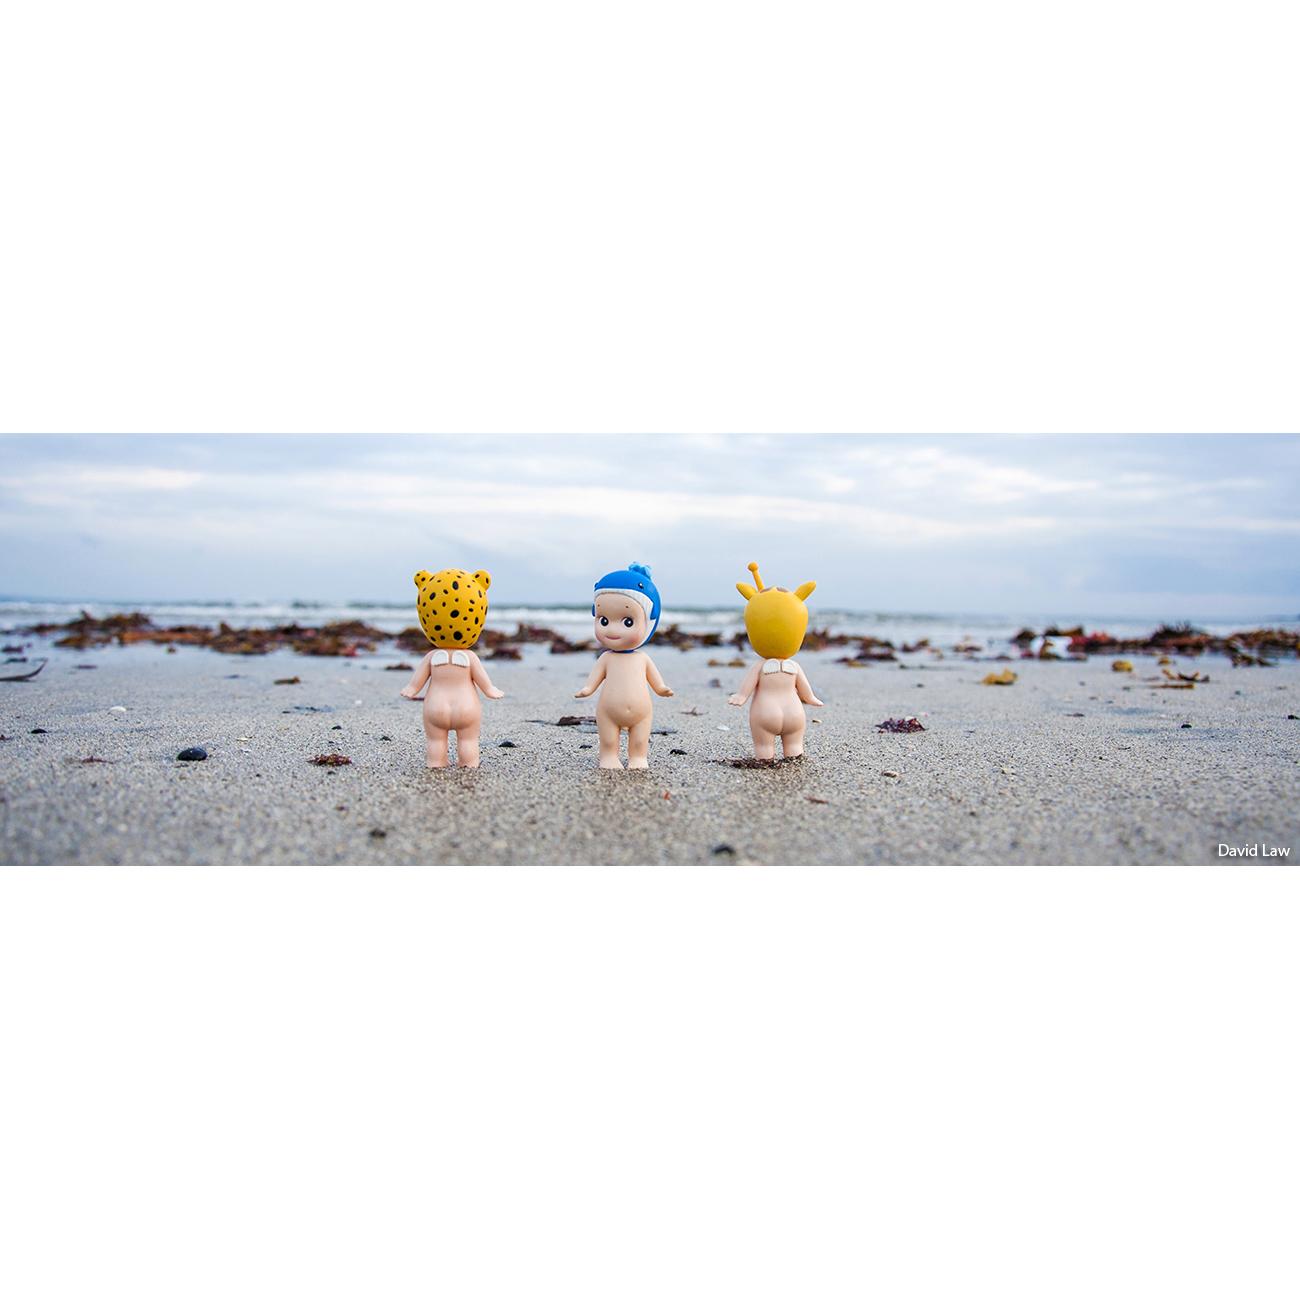 Kamakura Beach Frise 30x90 copie